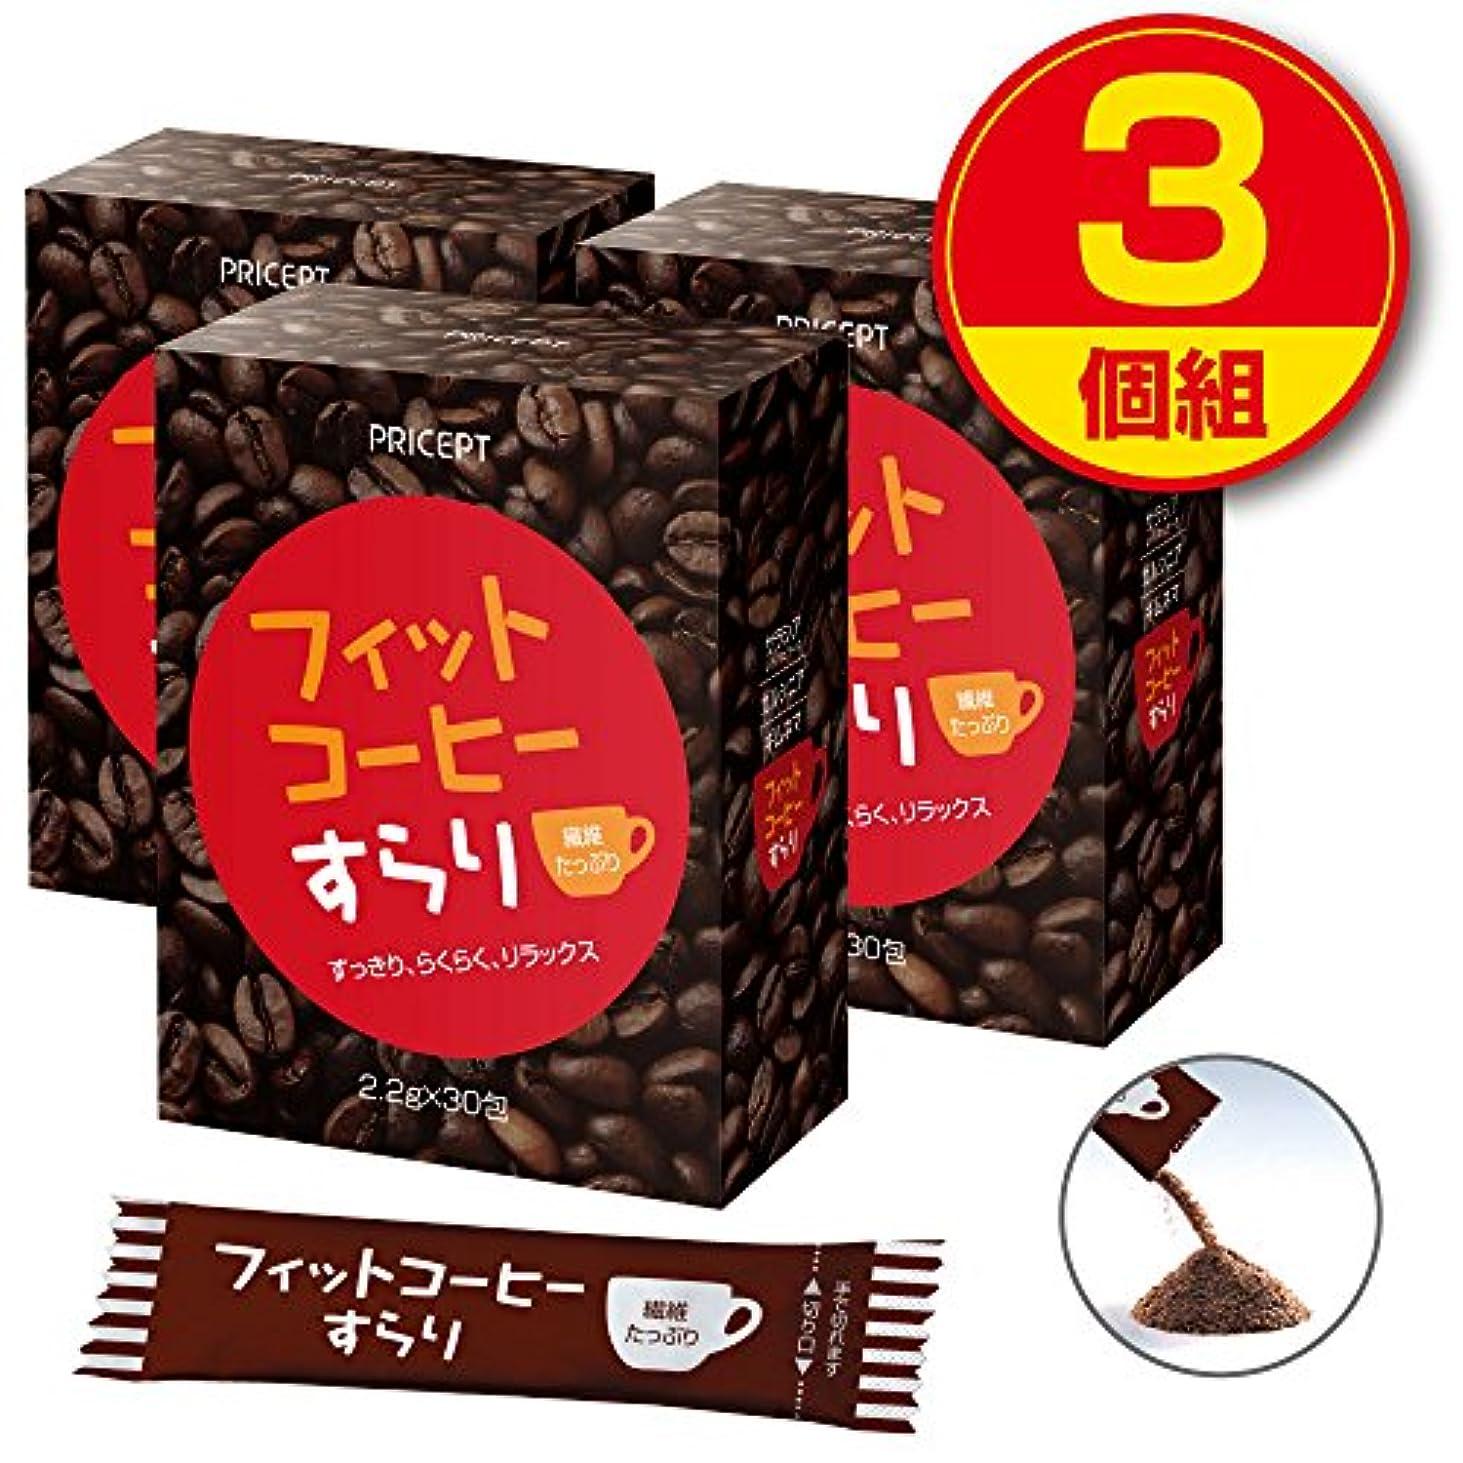 全体ノベルティ息子プリセプト フィットコーヒーすらり 30包【3個組(90包)】(ダイエットサポートコーヒー)